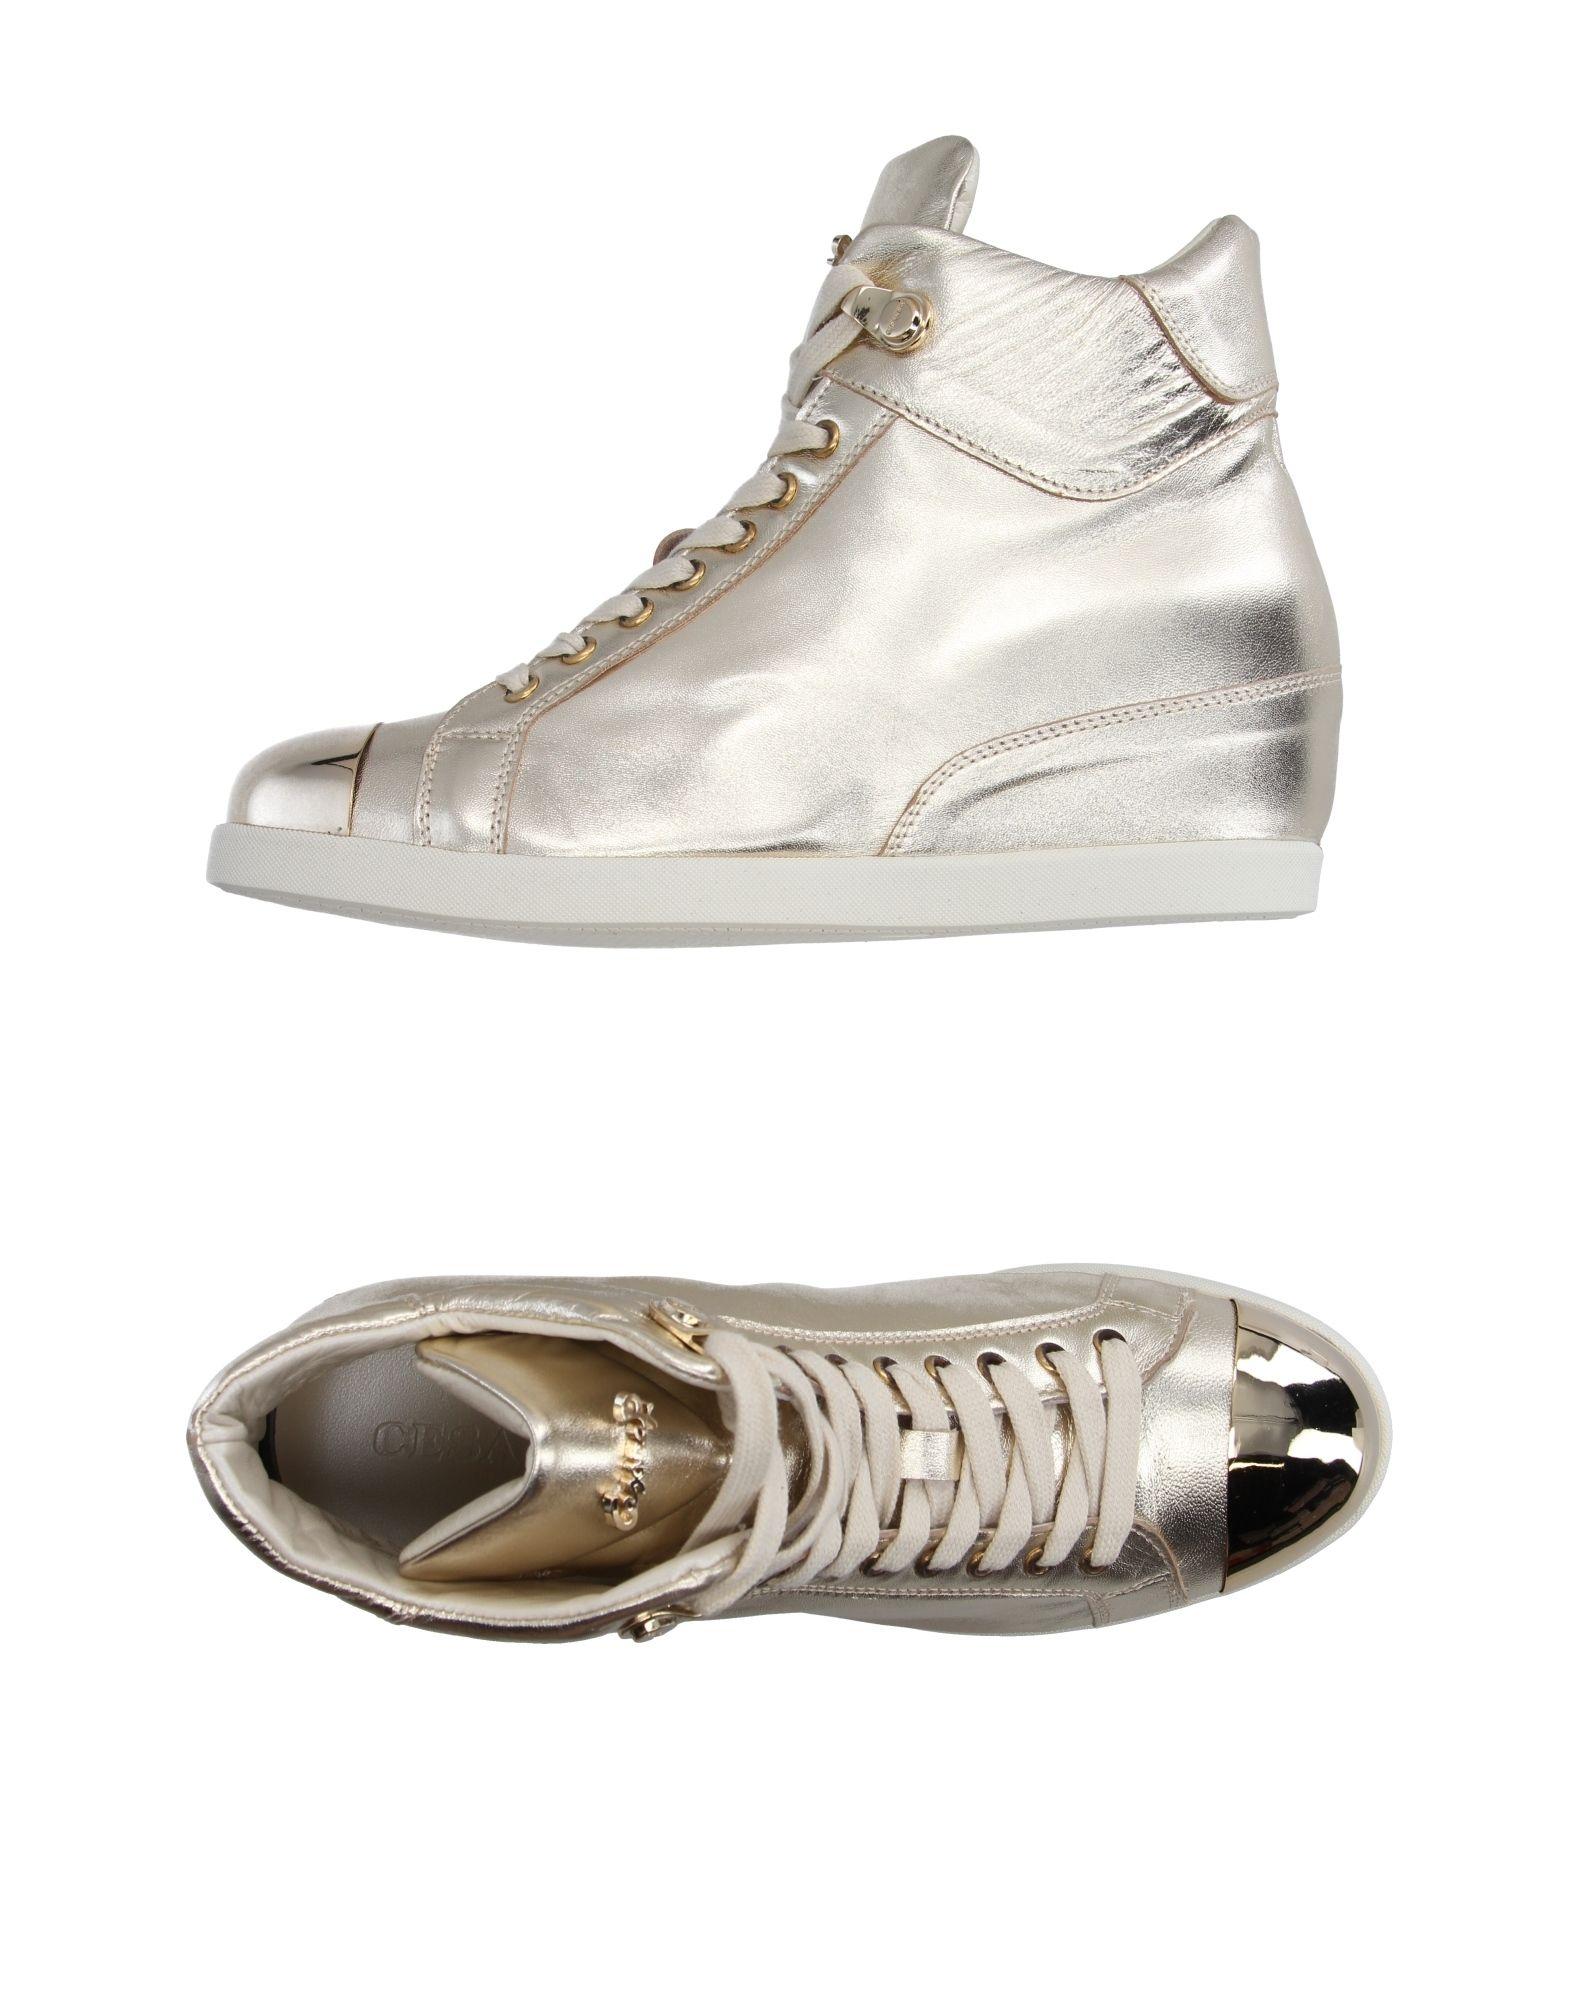 Cesare P. Sneakers strapazierfähige Damen  11161903EUGut aussehende strapazierfähige Sneakers Schuhe f0a86e